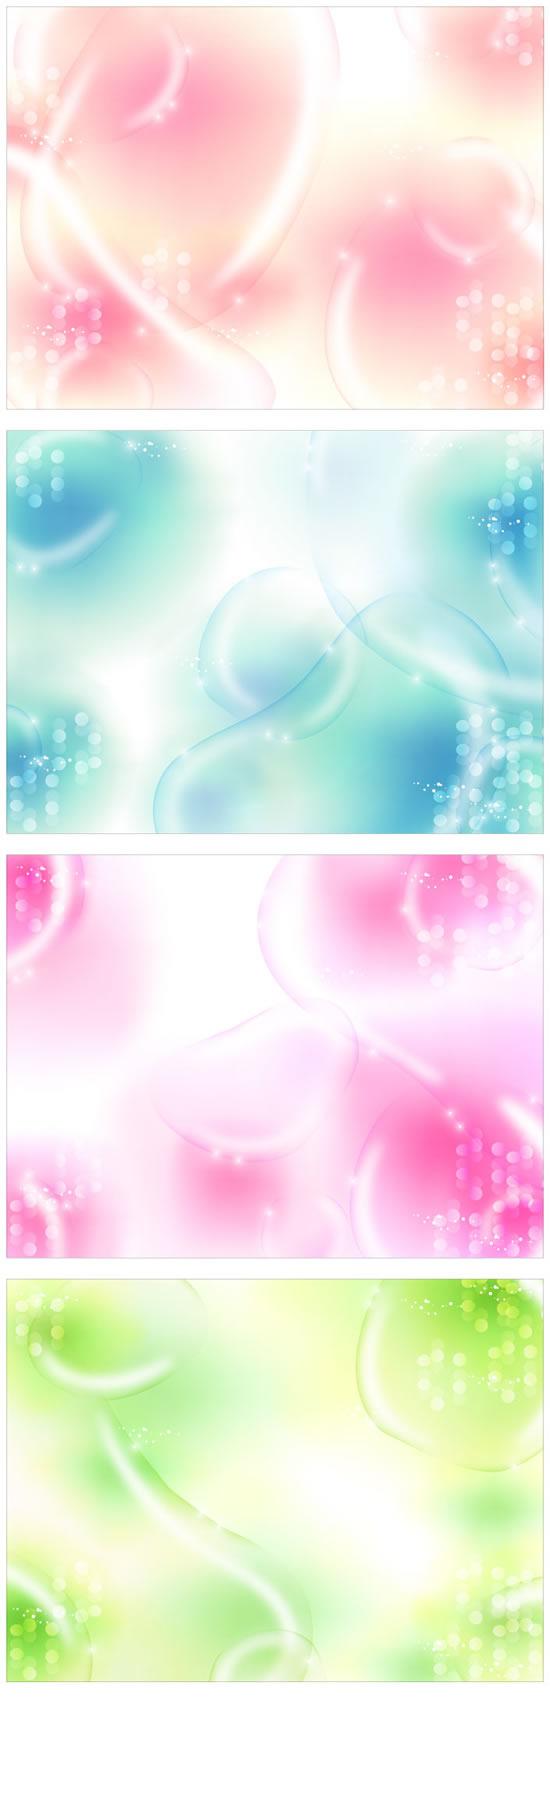 0 点 关键词: 透光泡泡幻彩斑点背景,,透光泡泡,幻彩斑点,背景,唯美